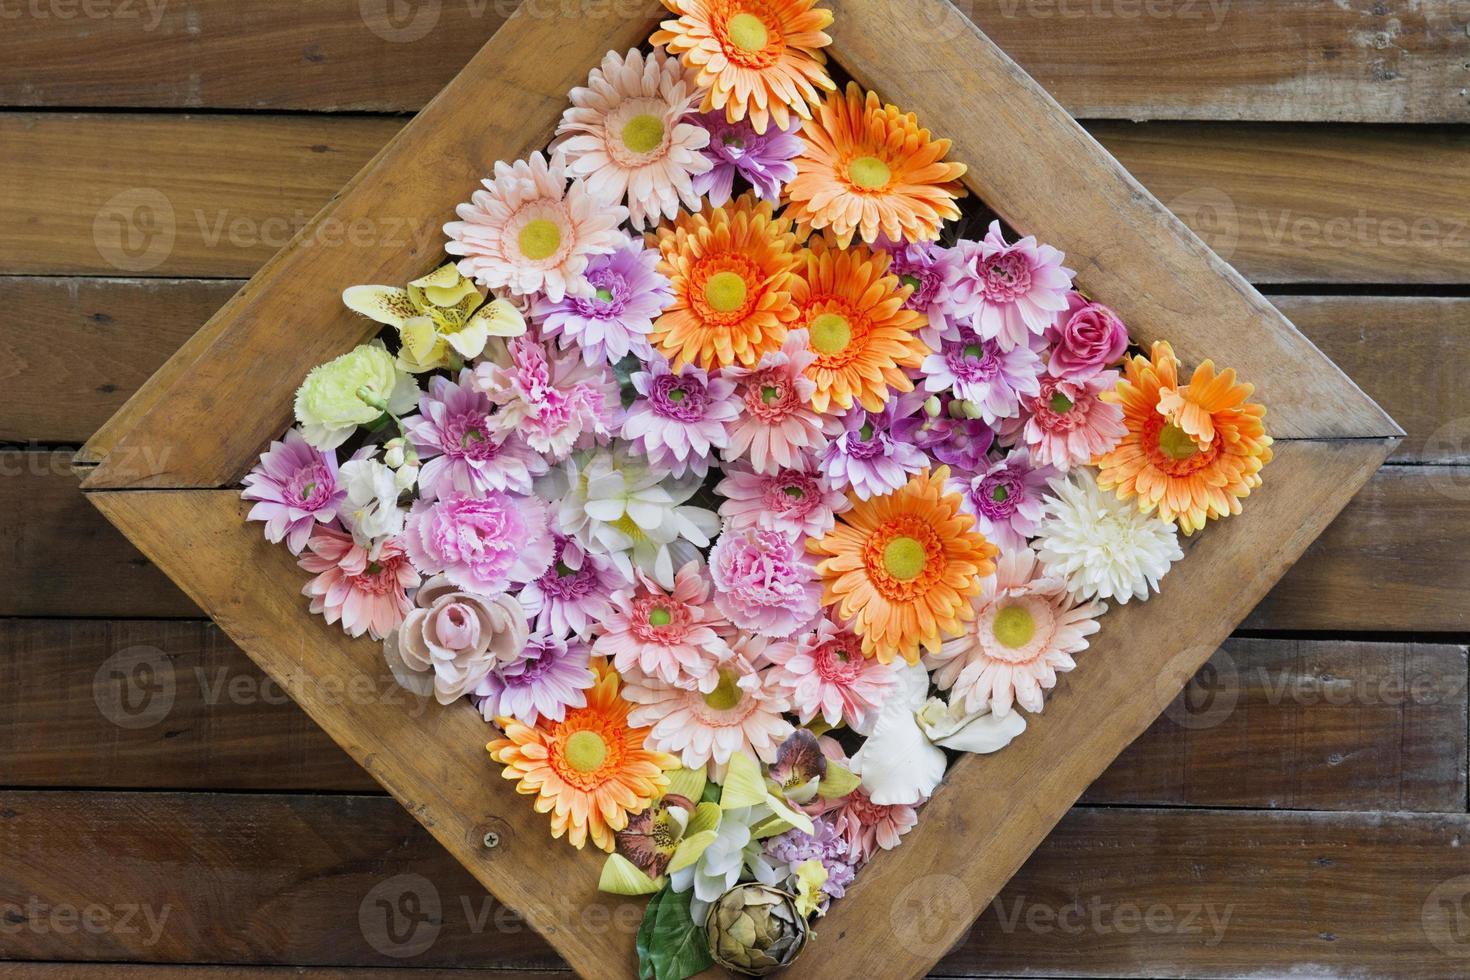 de nombreuses fleurs joliment réunies photo